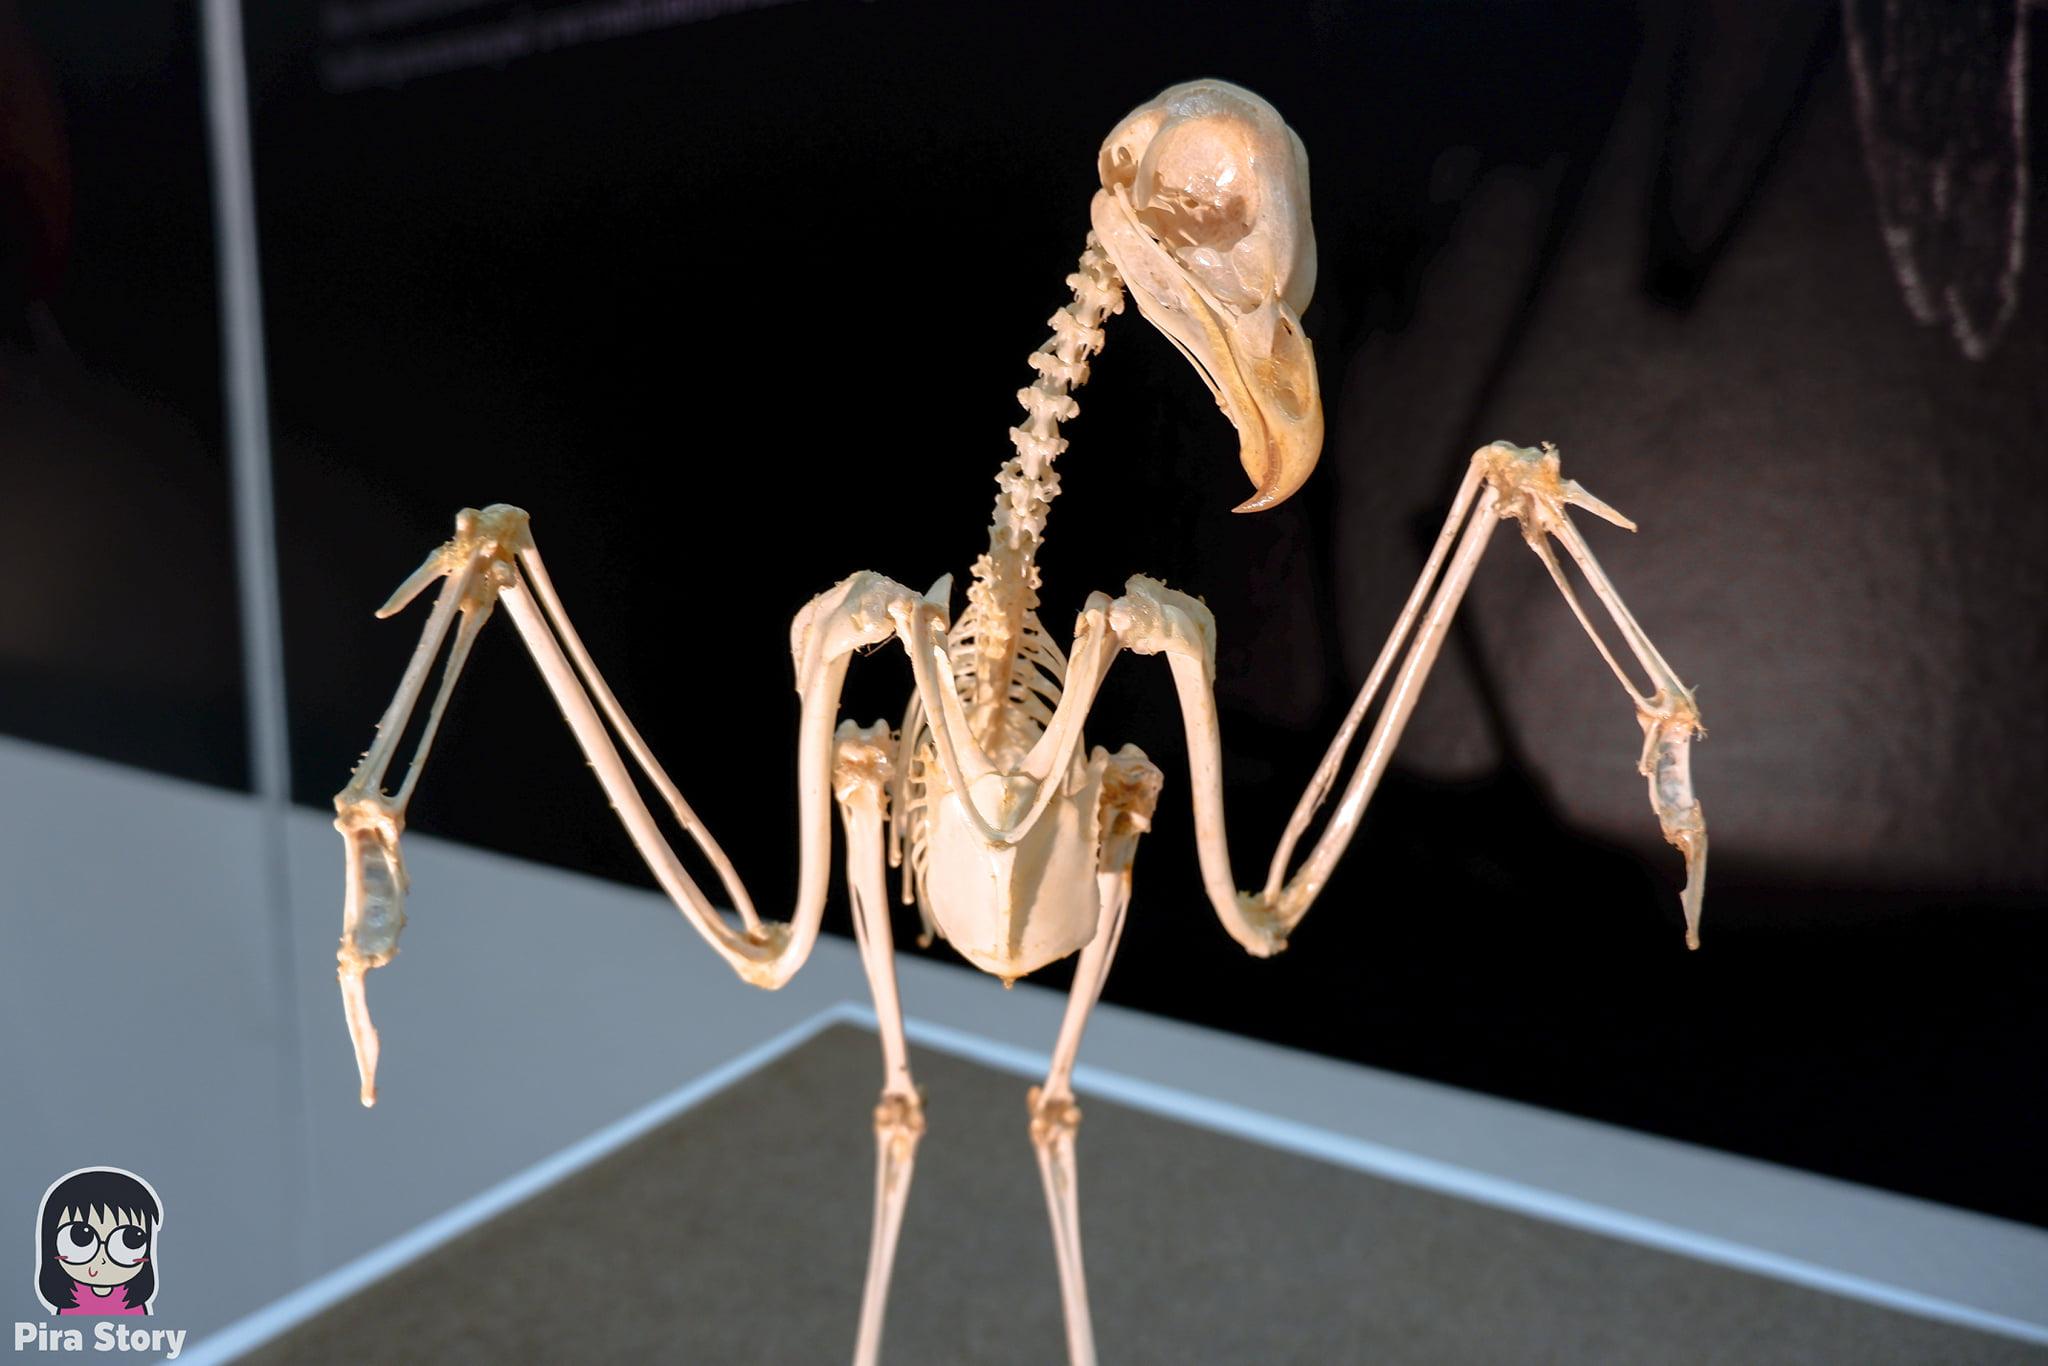 ความลับของโครงกระดูก Skeleton's Secrets ศึกษากายวิภาคสัตว์ ที่พิพิธภัณฑ์ จุฬาลงกรณ์มหาวิทยาลัย คณะวิทยาศาสตร์ ชีววิทยา Night at the museum 2020 เที่ยวพิพิธภัณฑ์ เที่ยวกรุงเทพ สยาม กระดูกสัตว์ กายวิภาคศาสตร์ โครงสร้างร่างกาย โครงสร้างกระดูก สัตว์เลี้ยงลูกด้วยนม สัตว์มีกระดูกสันหลัง กระดูกไก่ กระดูกนก